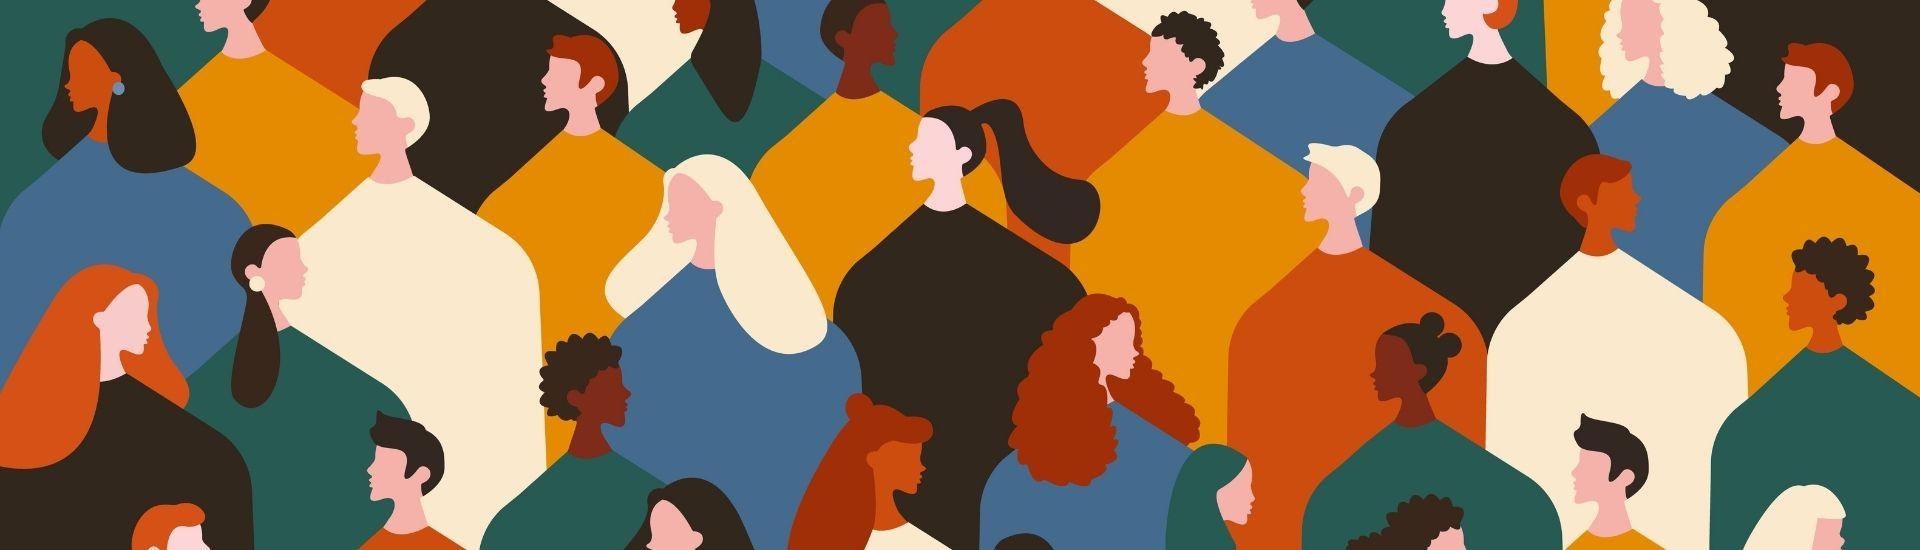 Ilustración de personas de distintas nacionalidades, parte de lo que conforma la ciudadanía. Son rostros con poleras de distintos colores y mirando a distintas direcciones. Crédito: Adobe